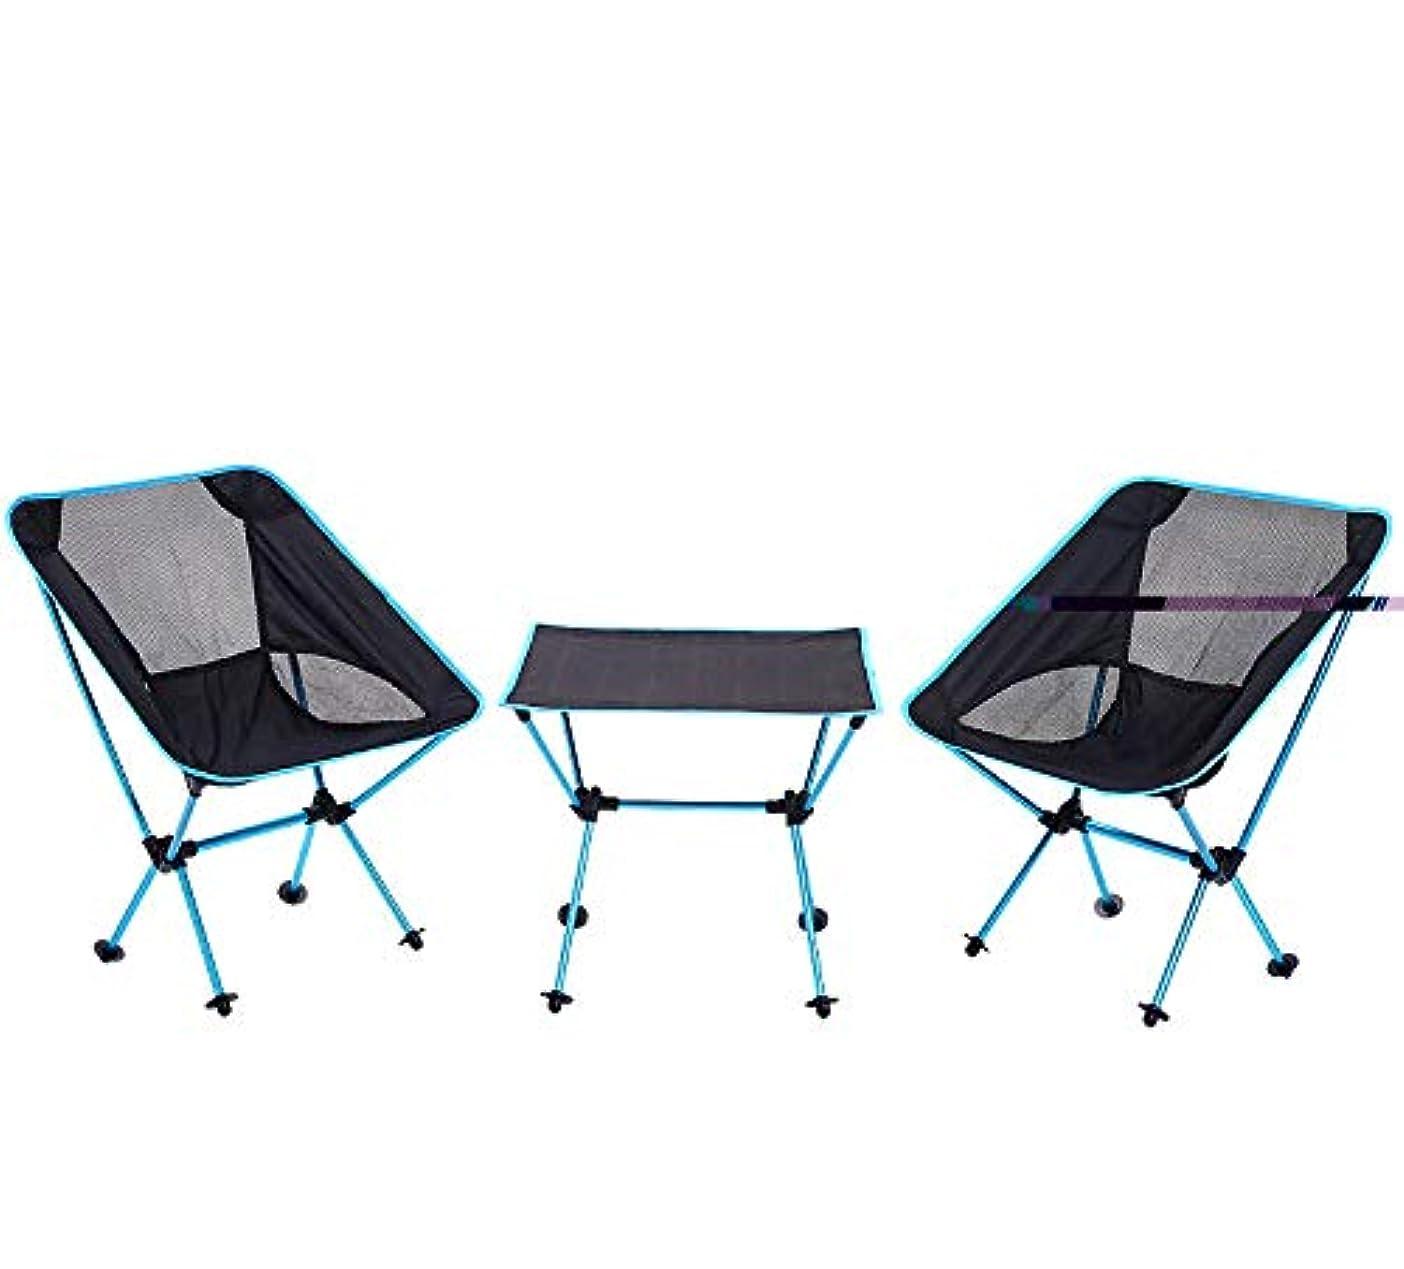 学期両方ボルトアルミ合金の折るテーブルおよび椅子のスーツ携帯用屋外のキャンプのバーベキューおよび多目的折るテーブル3部分は、ほとんどの車のトランクの中に収まるように折り畳みます アウトドア キャンプ用